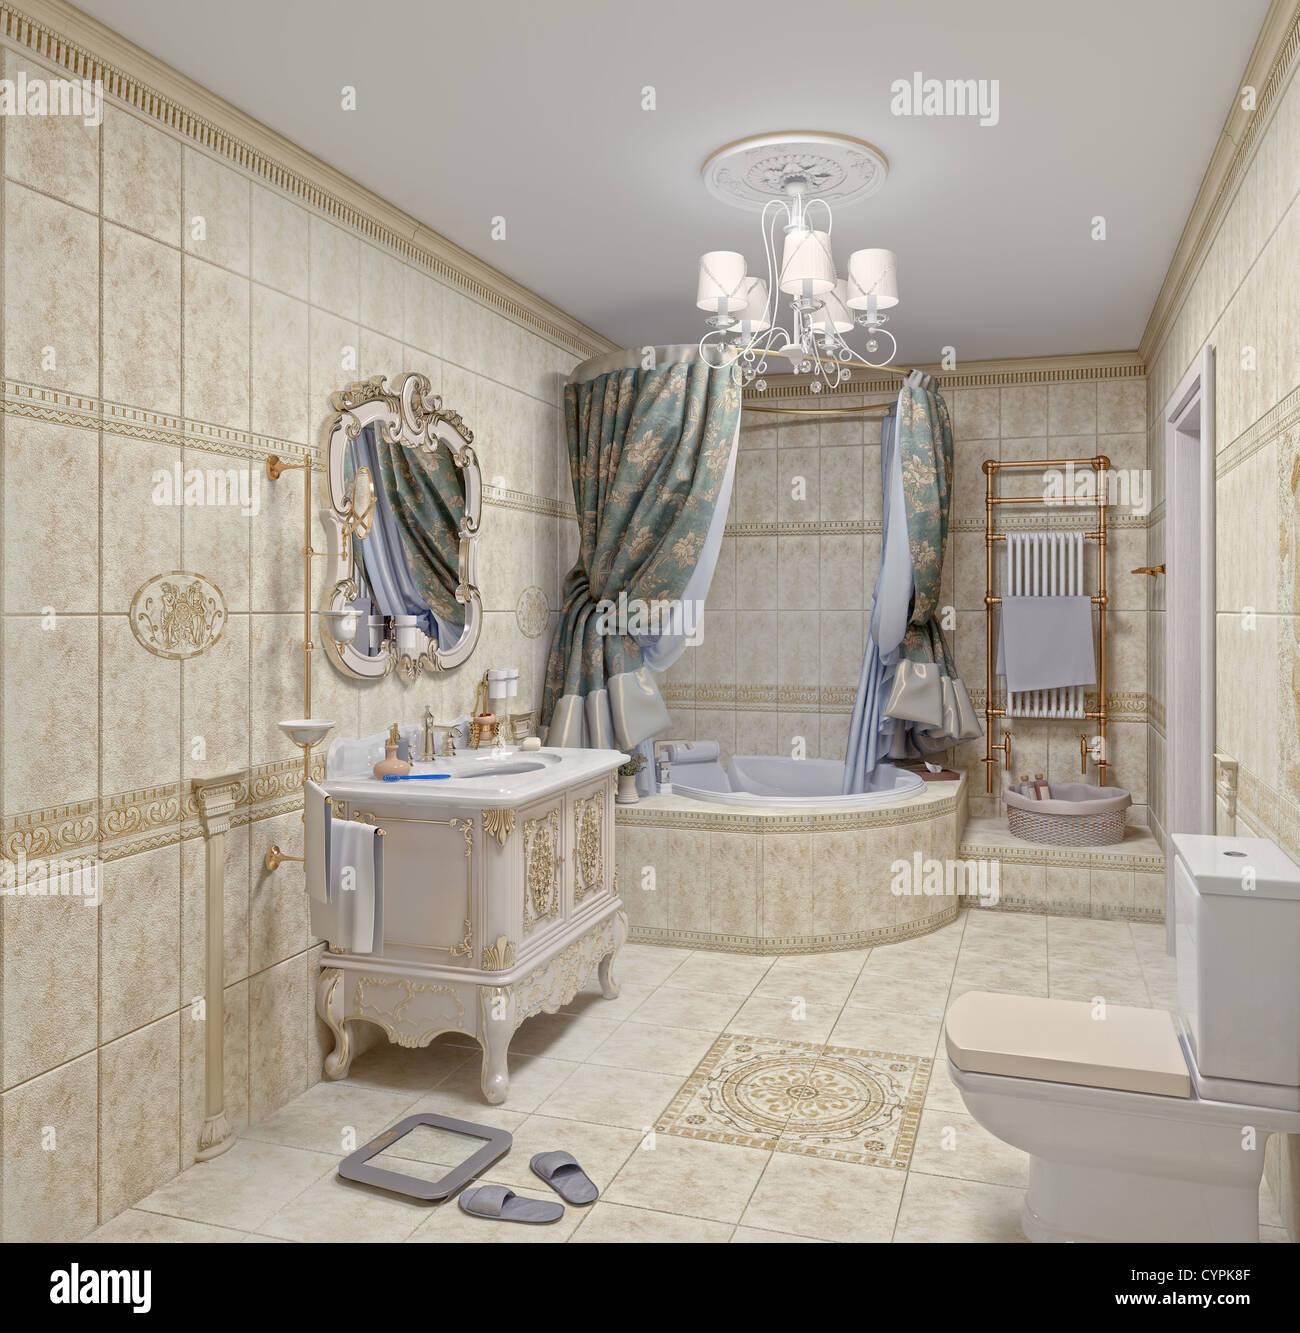 El moderno baño con azulejos y espejo interior (3D) Imagen De Stock